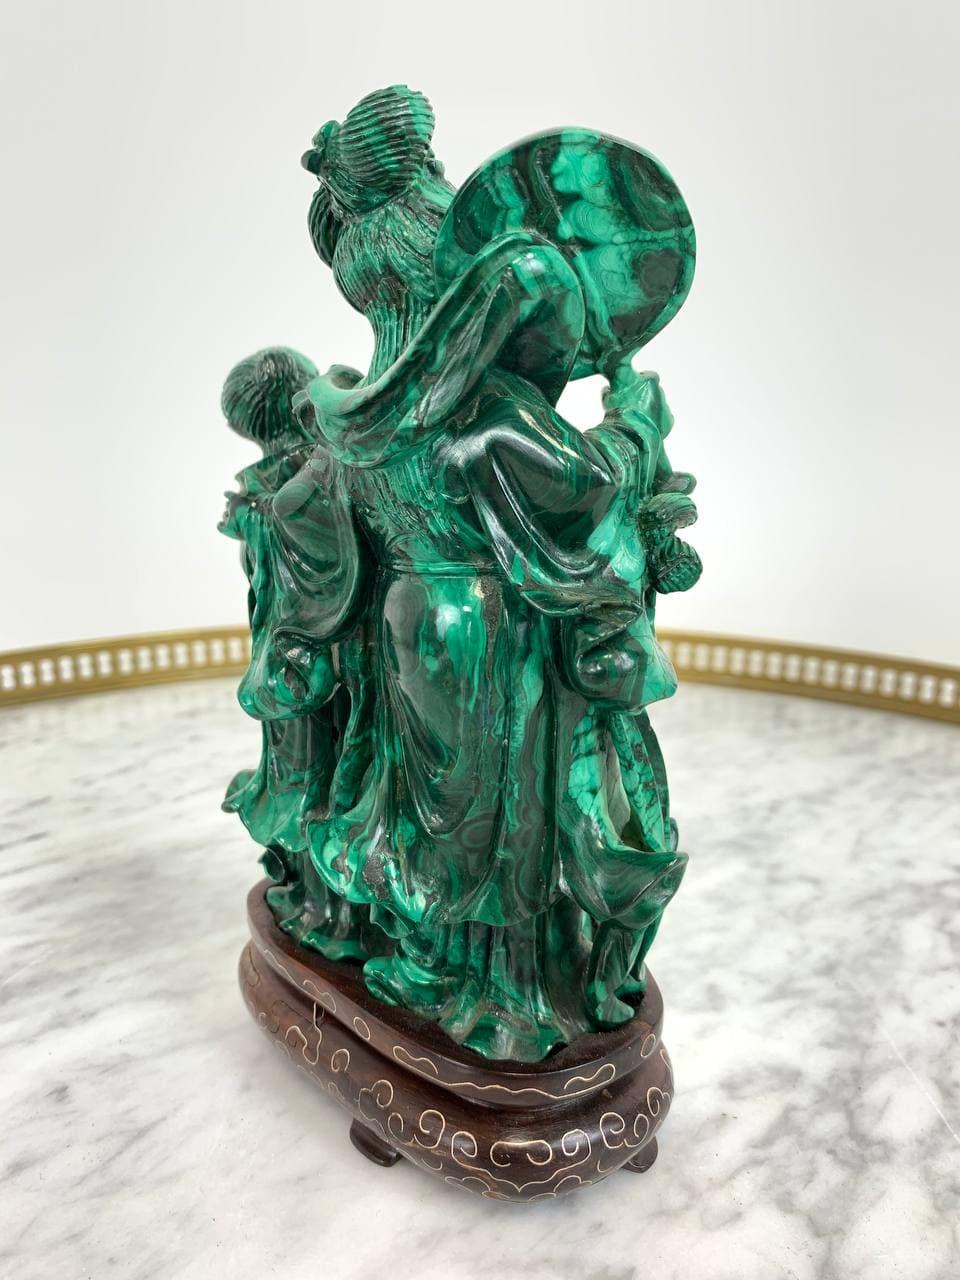 Антикварная статуэтка в стиле Шинуазри